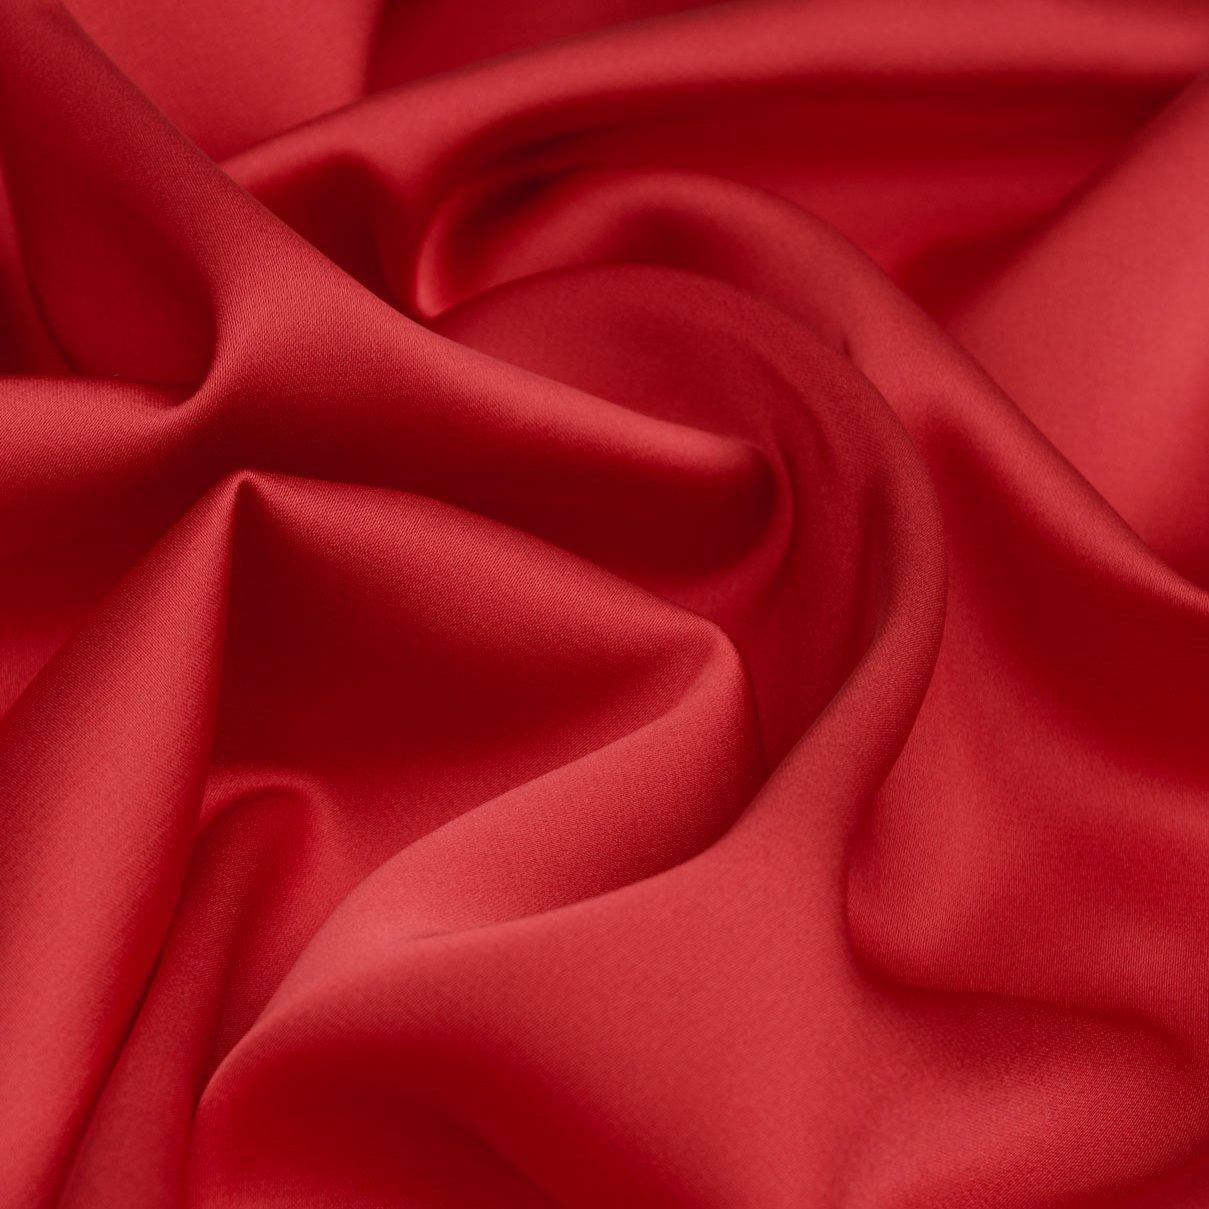 Ткань Шелк сатин